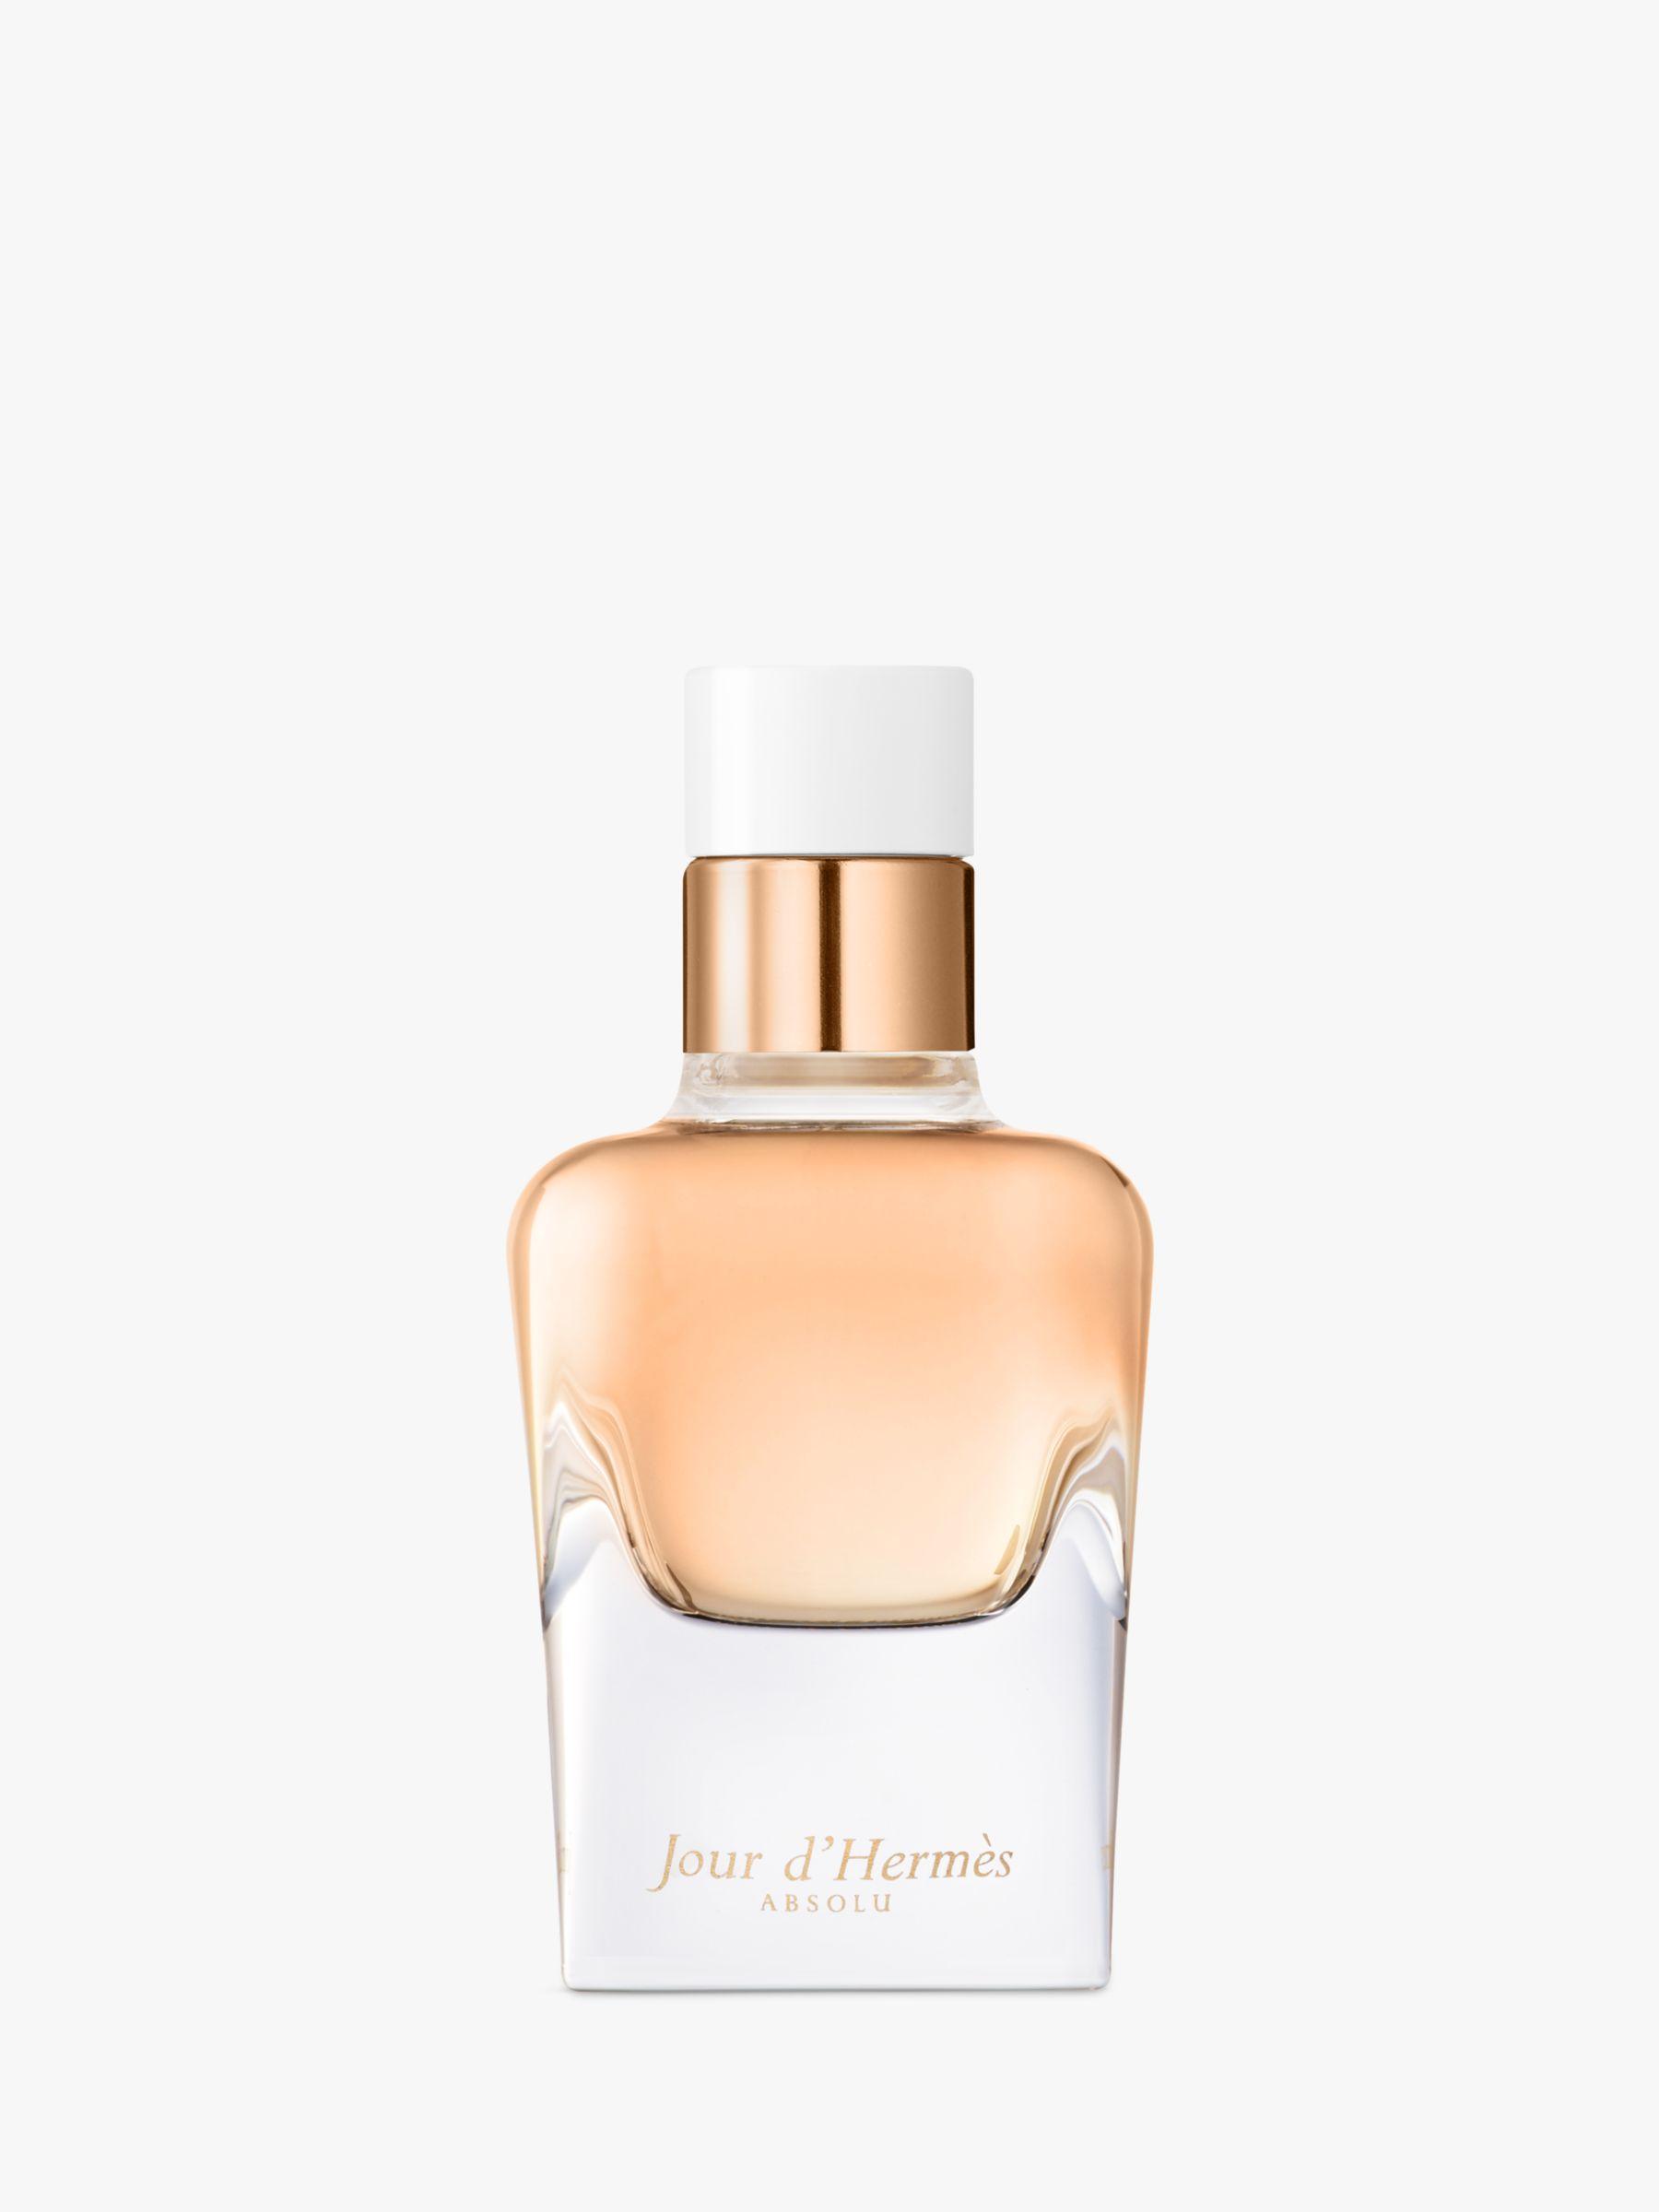 Hermes Jour d'Hermes Eau de Parfum